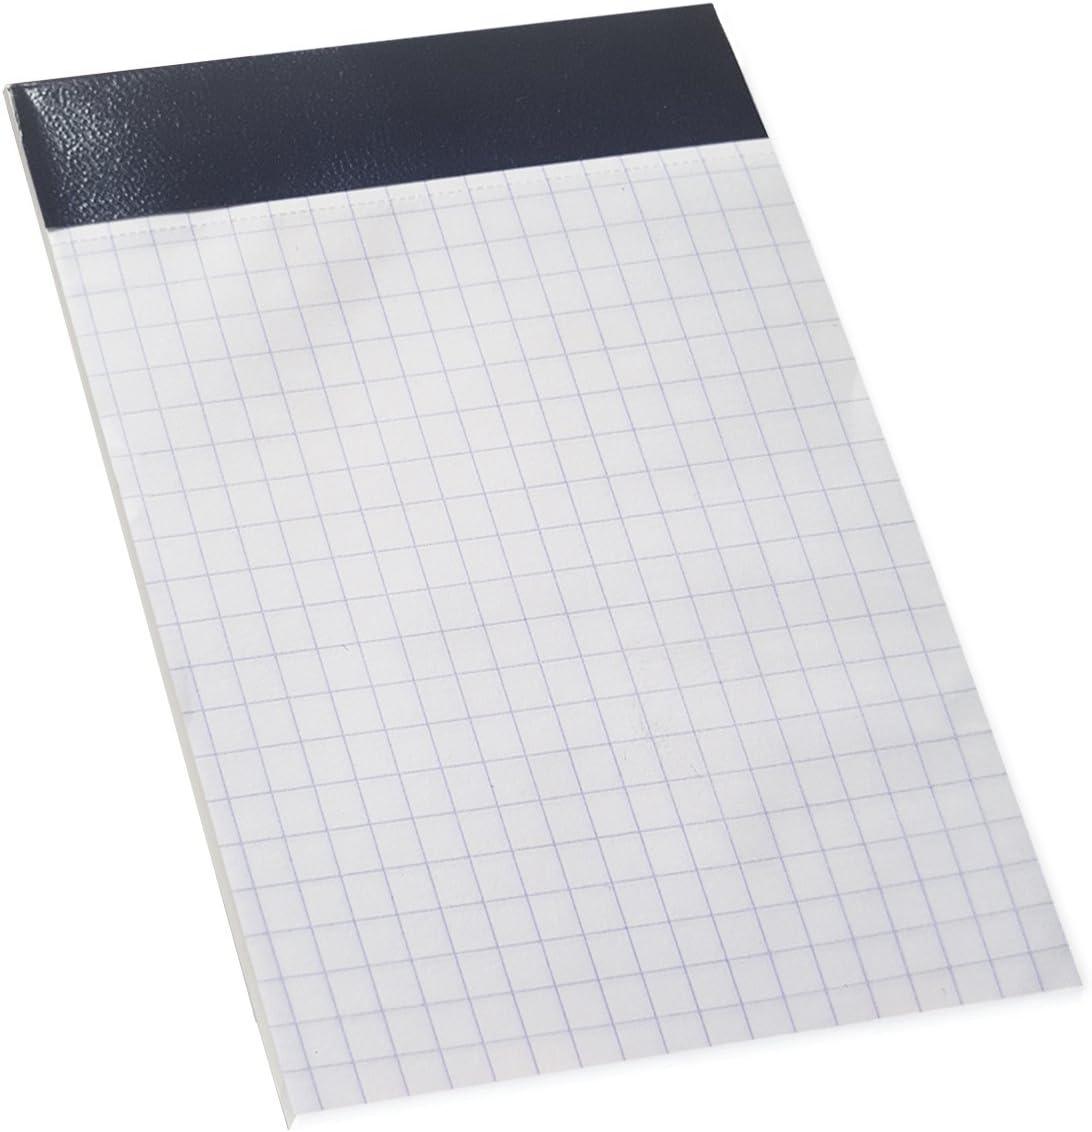 Enri 100103760 - Pack de 10 blocs de notas grapados sin tapa, A7 ...